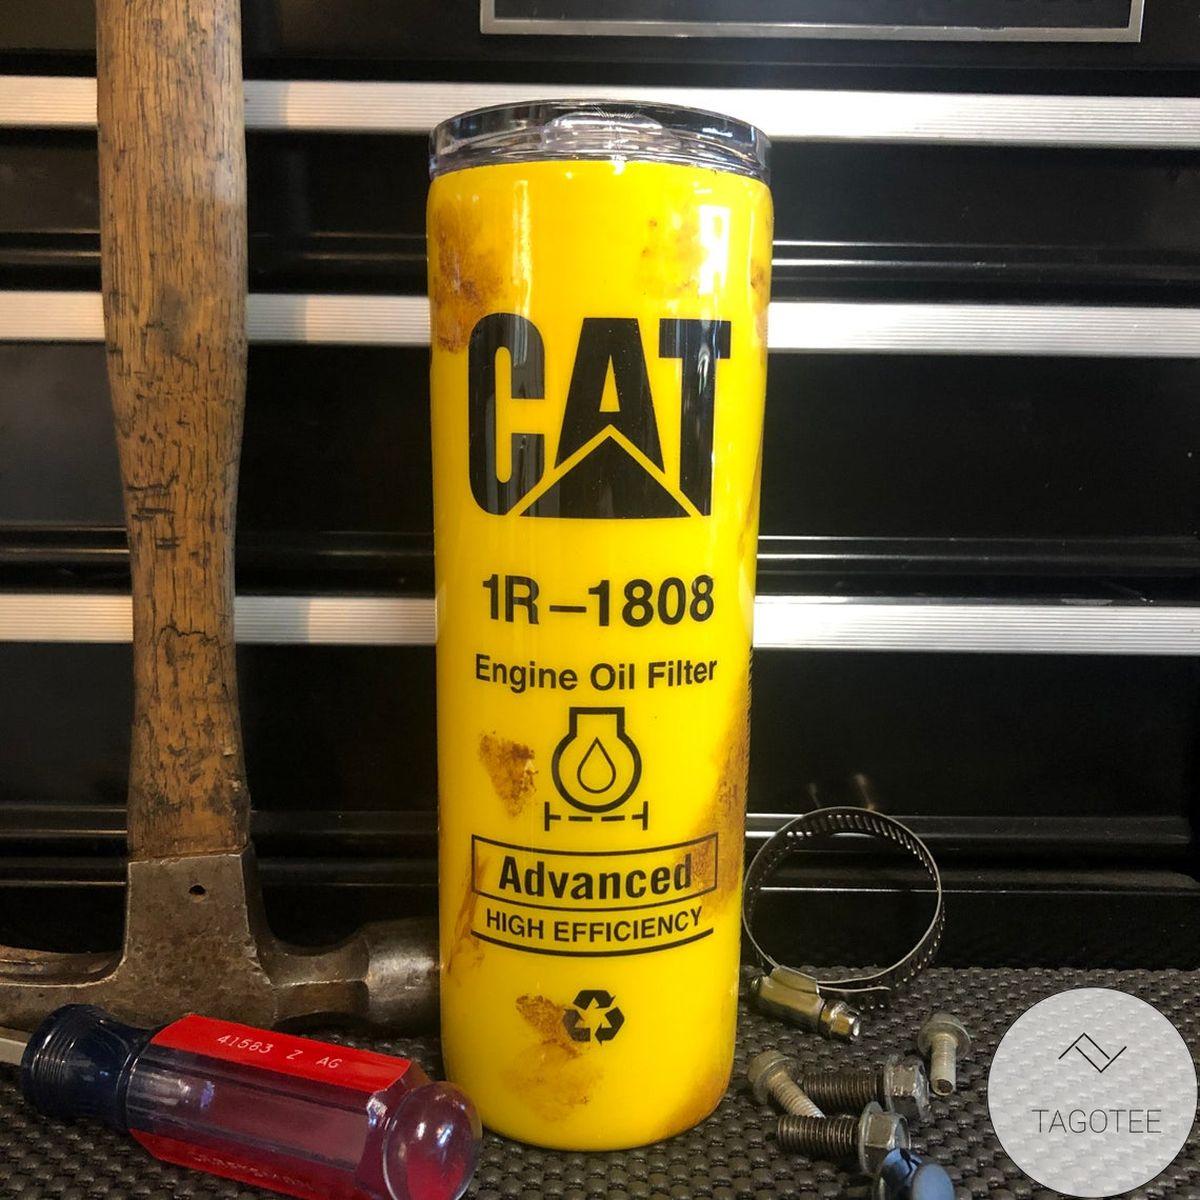 Manly Oil Filter For Caterpillar Skinny Tumbler